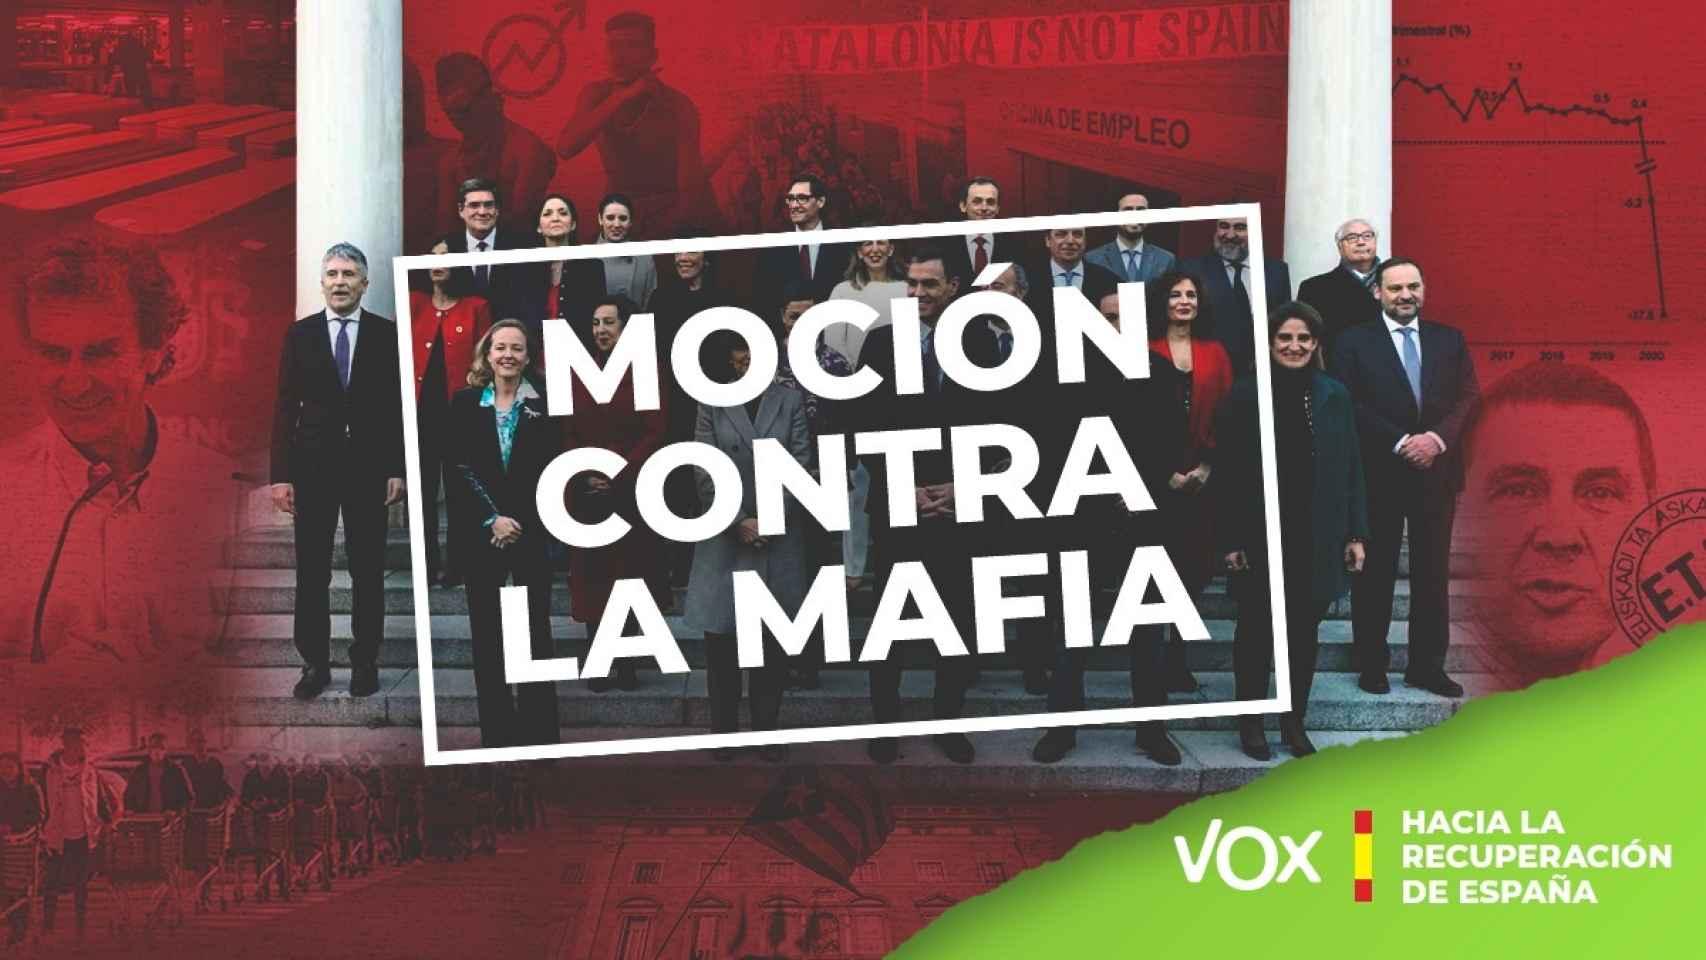 """Vox promociona la moción de censura a Pedro Sánchez: """"Contra la mafia"""""""